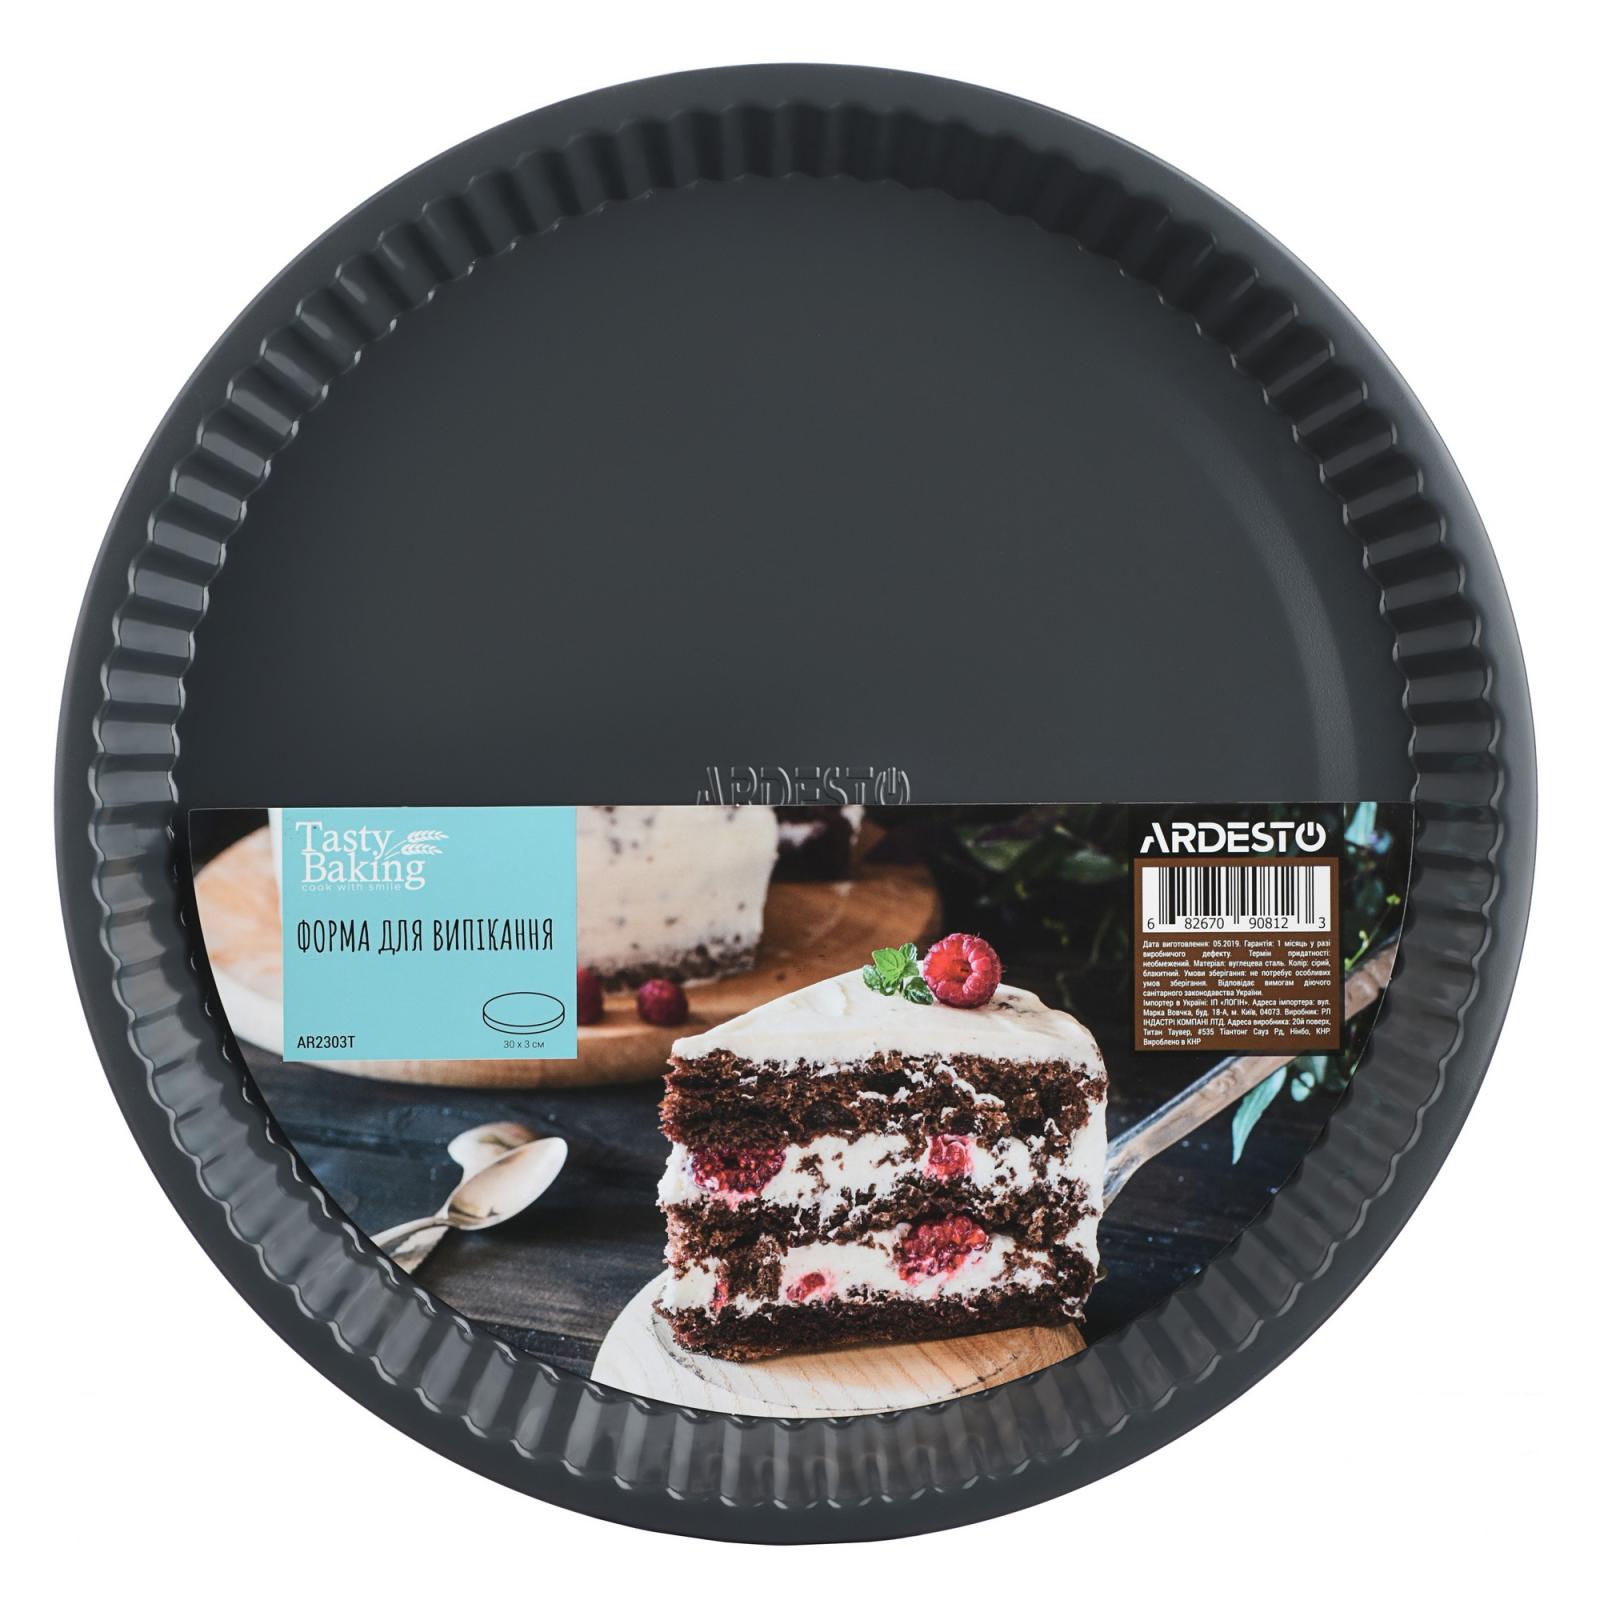 Форма для випікання Ardesto Tasty Baking кругла 30 см (AR2303T) зображення 3